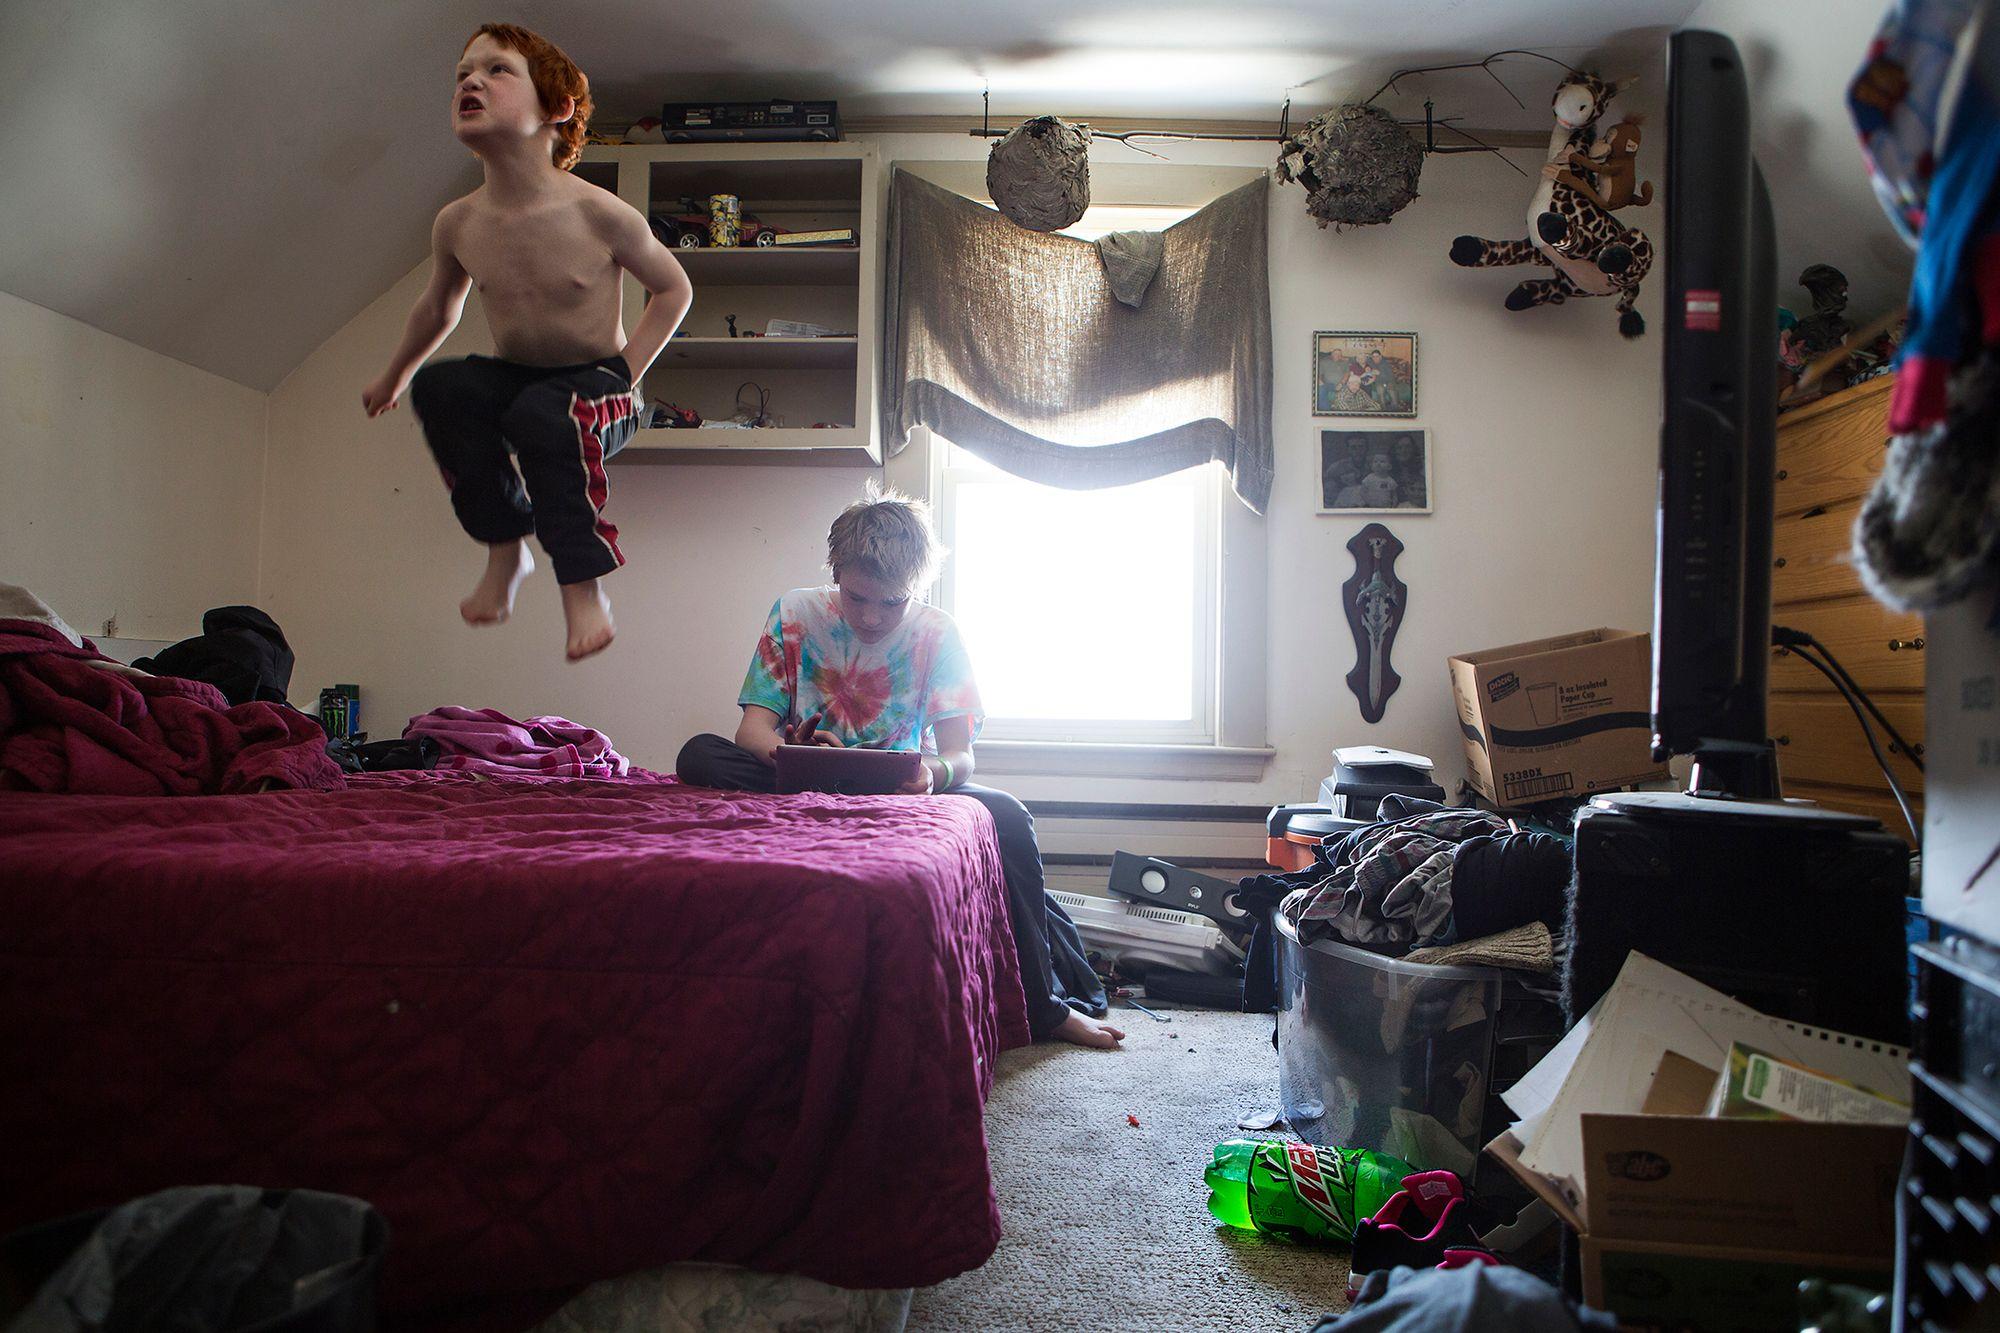 Джуньор и Top: «Моя кровать стоит в чулане, поэтому я люблю прыгать на маминой кровати».